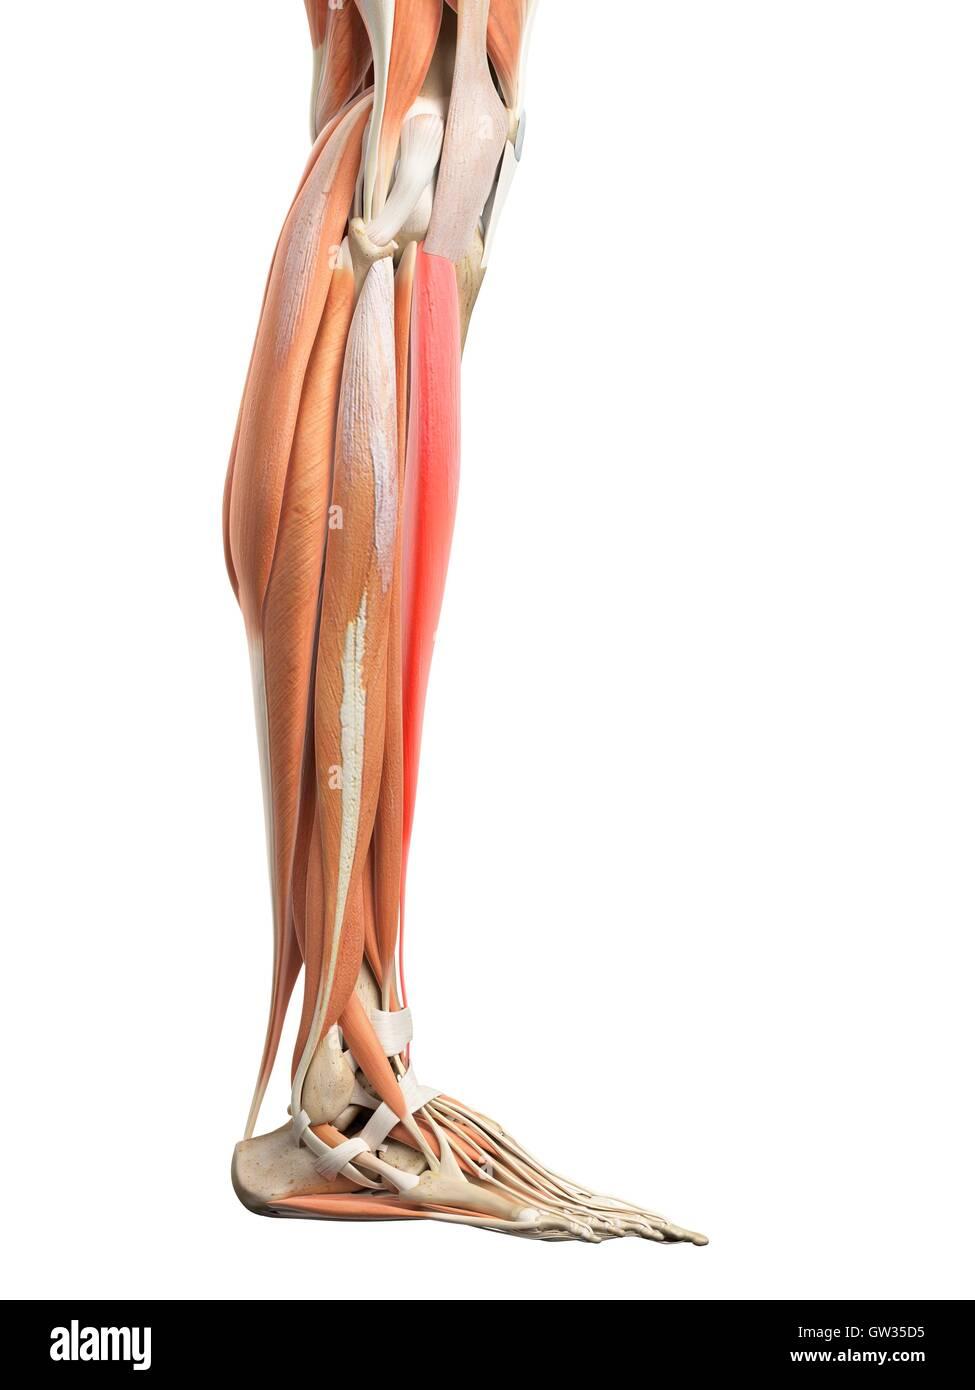 Los músculos de la pierna humana, ilustración Foto & Imagen De Stock ...